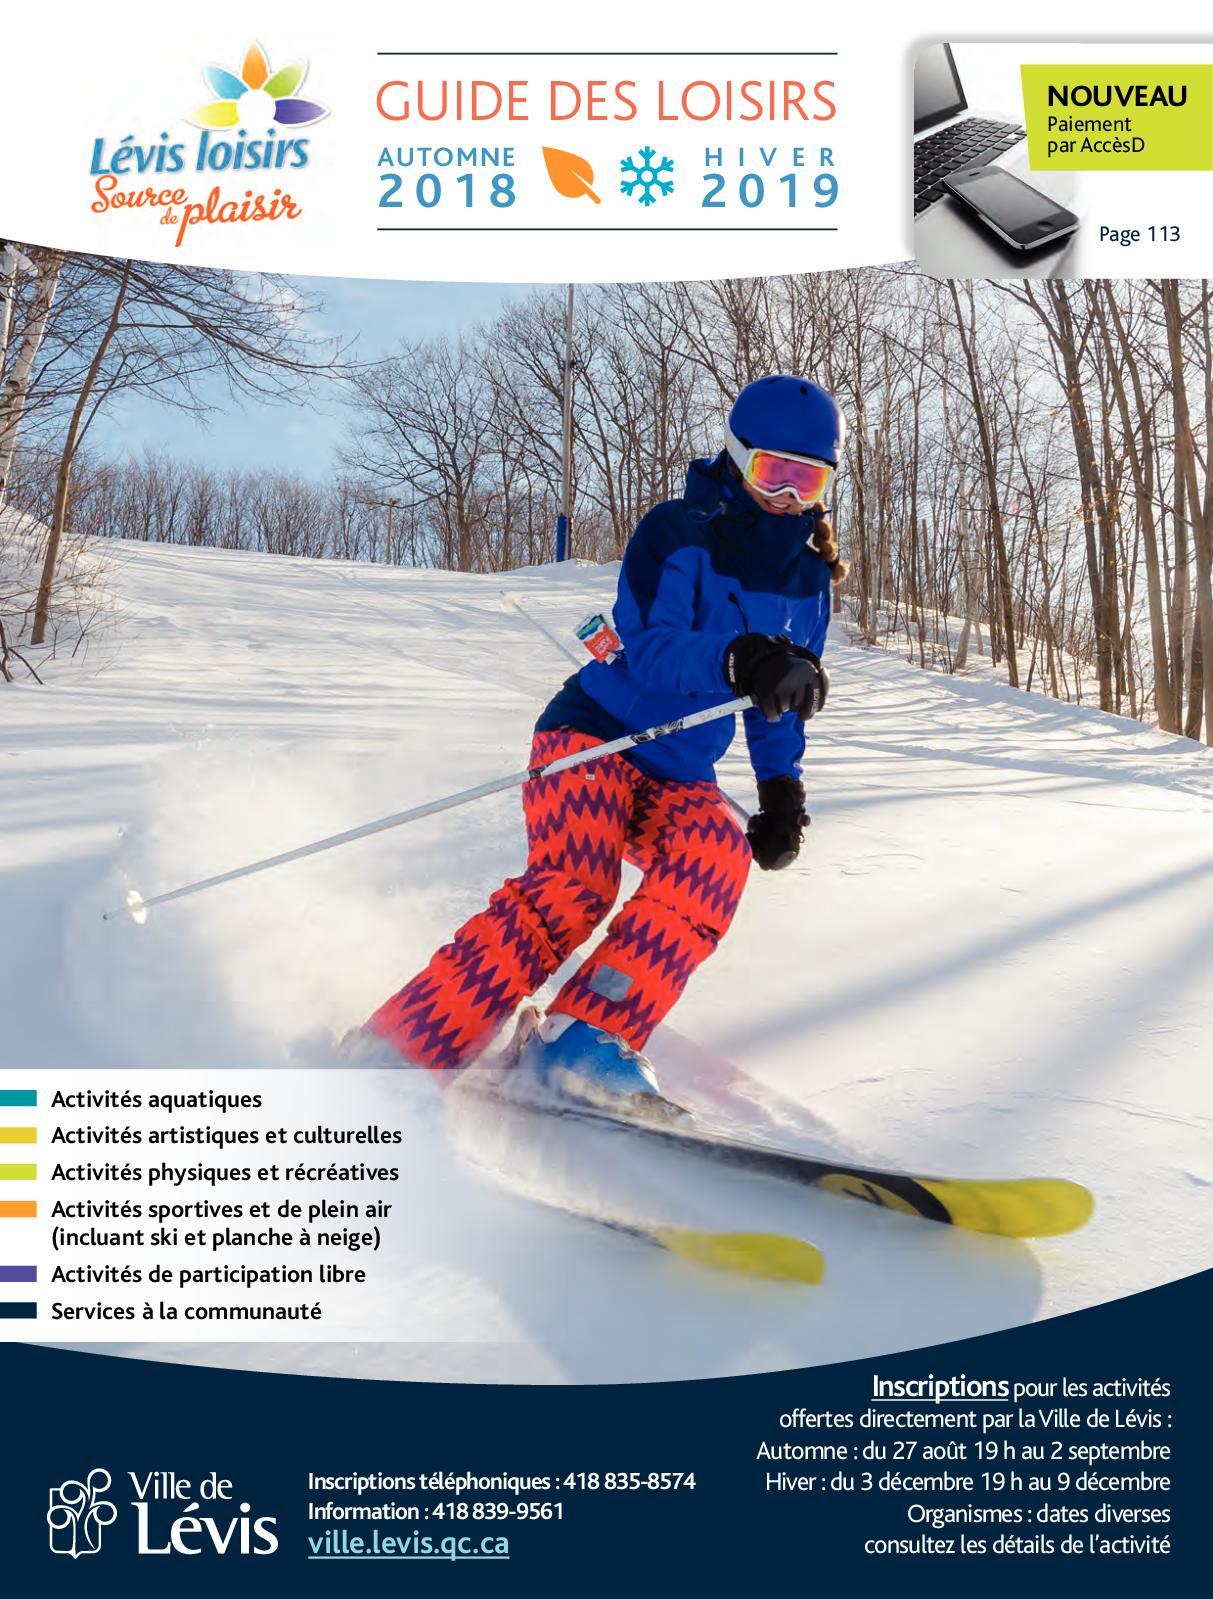 Calaméo - Guide des loisirs - Automne 2018 - Hiver 2019 2522a5faf89